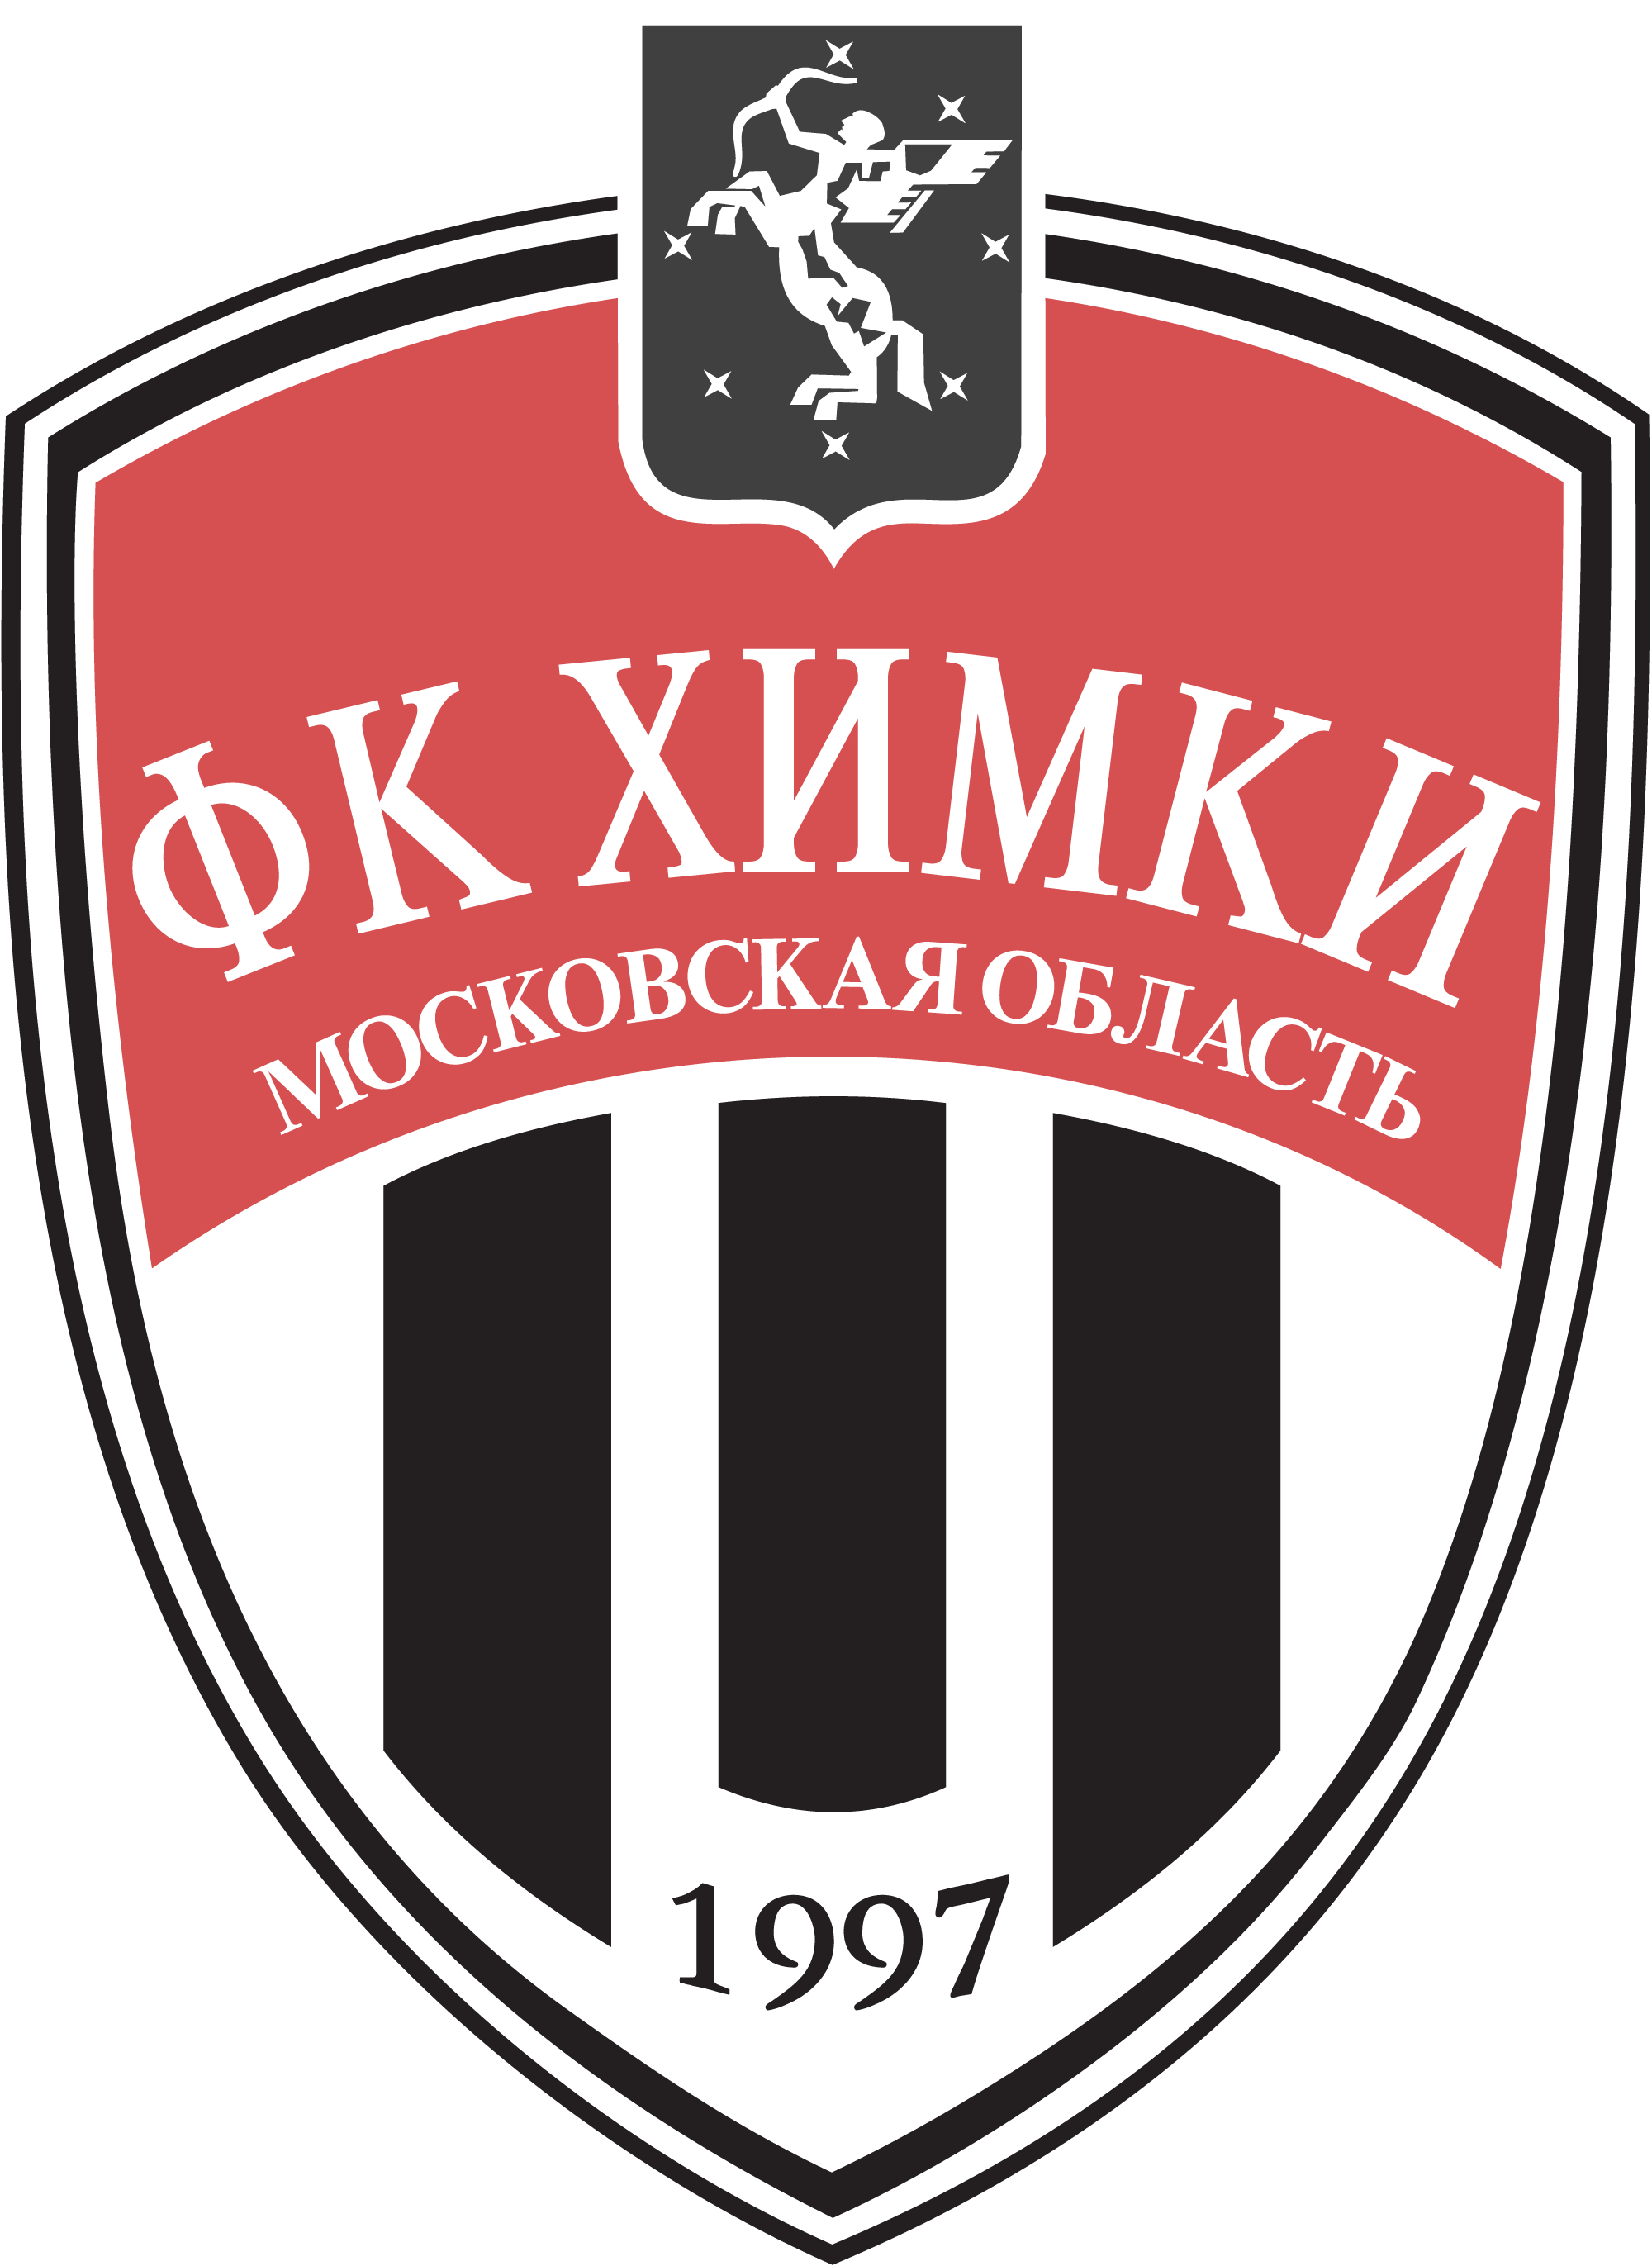 """Футбольный клуб """"Химки"""" - эмблема"""